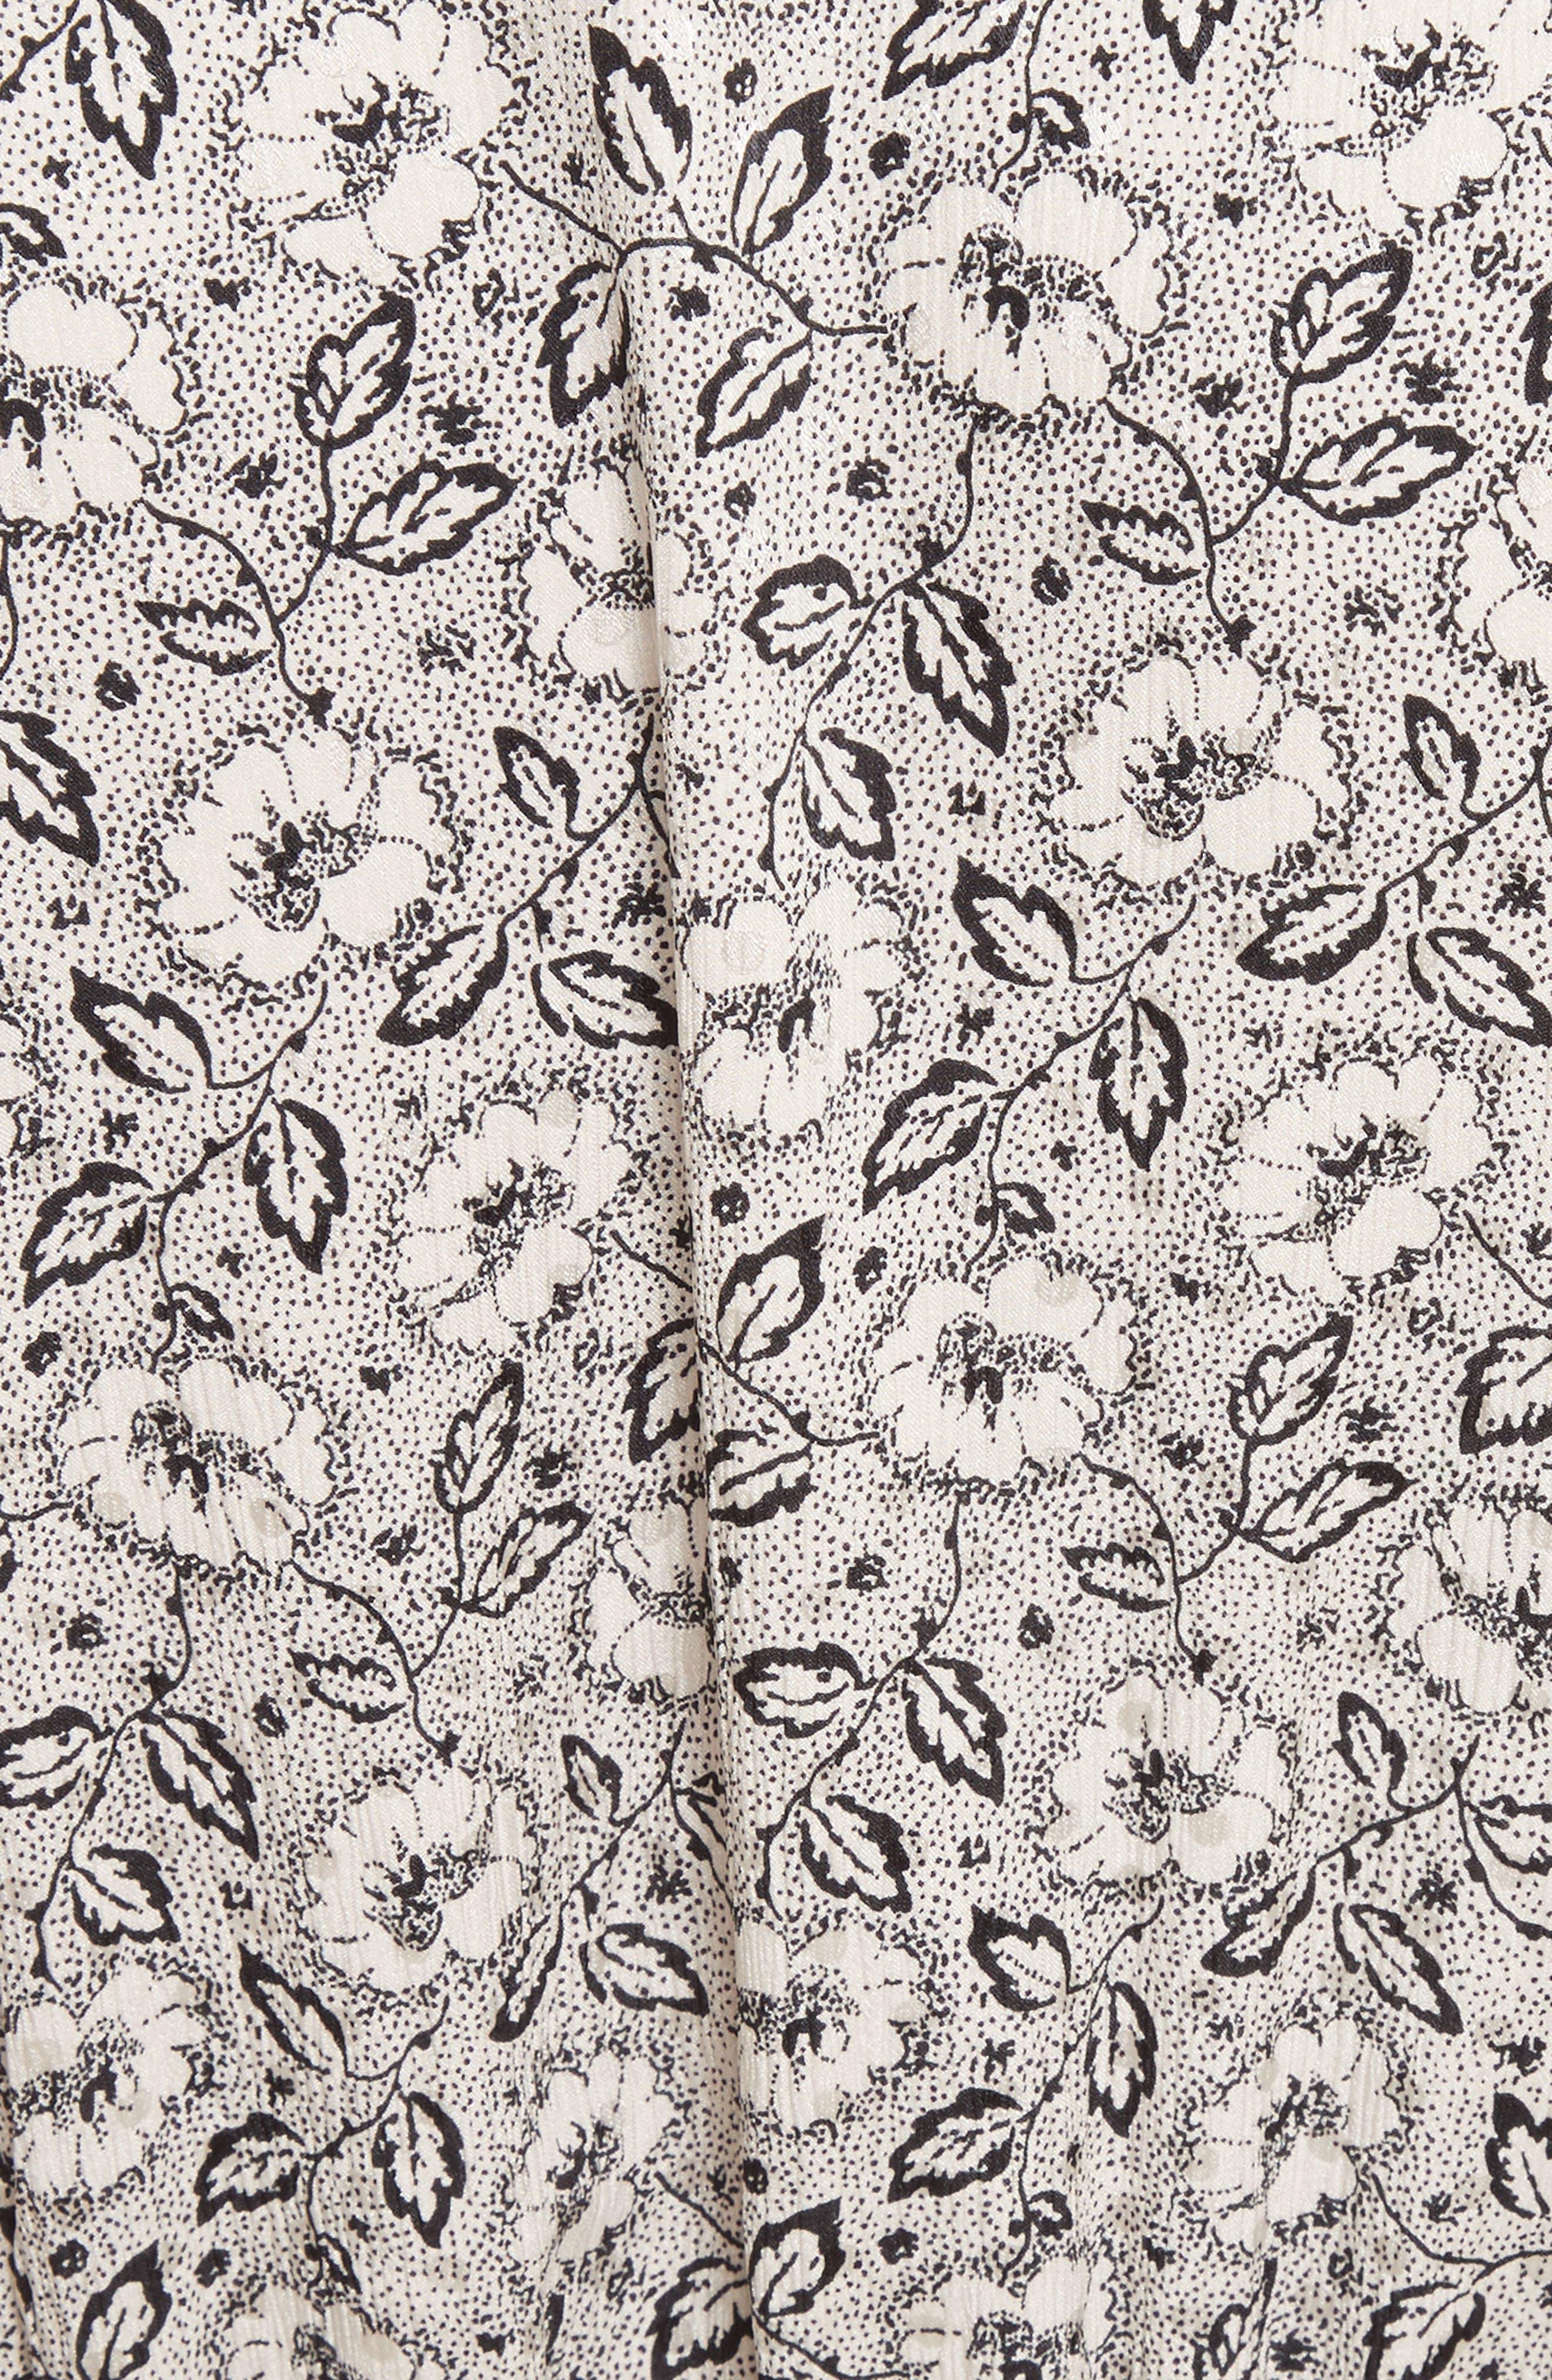 Floral A-Line Silk Dress,                             Alternate thumbnail 5, color,                             900